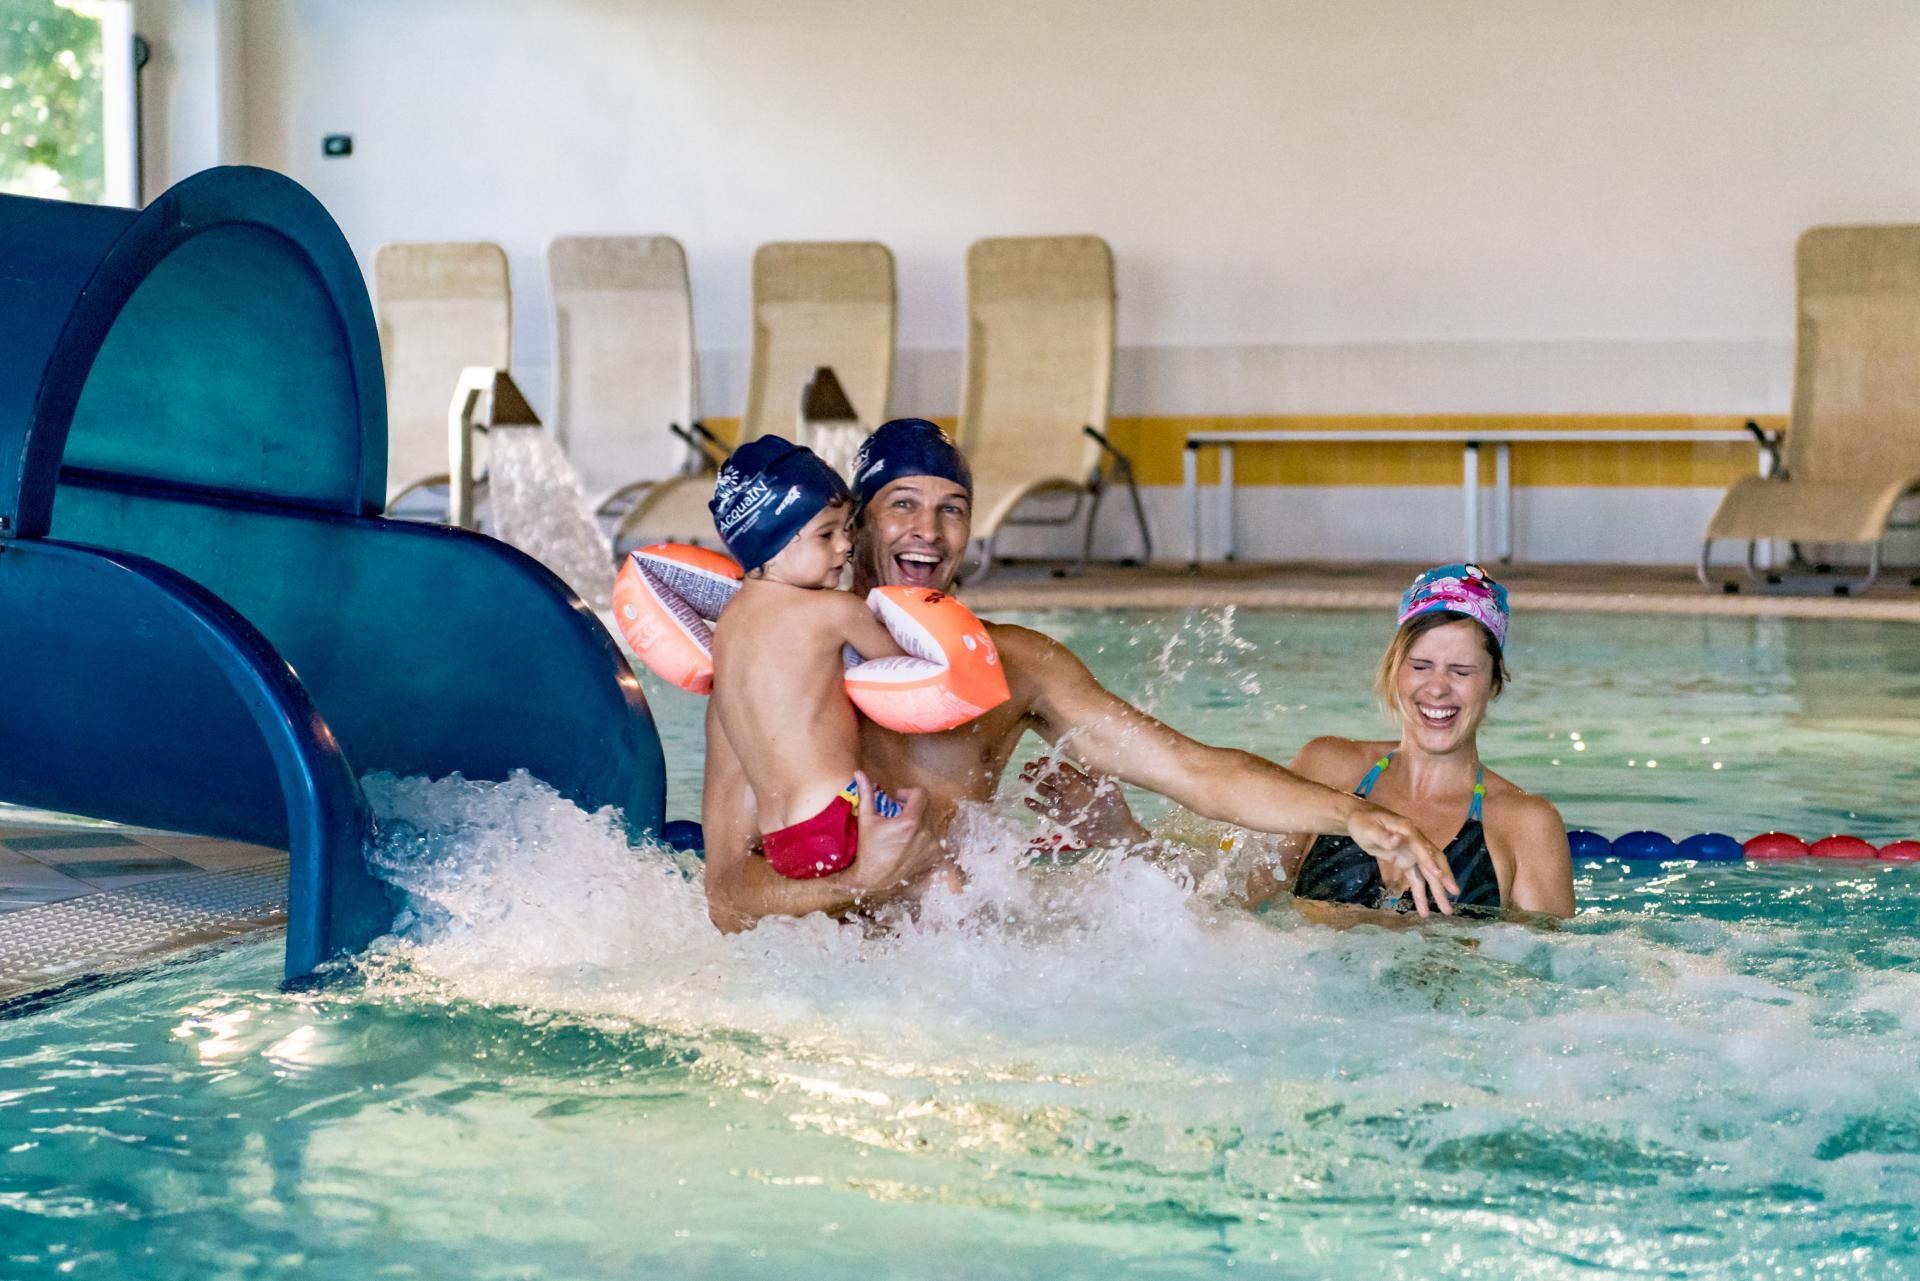 Acqua in piscine ad andalo azienda per il turismo - Immagini di piscina ...